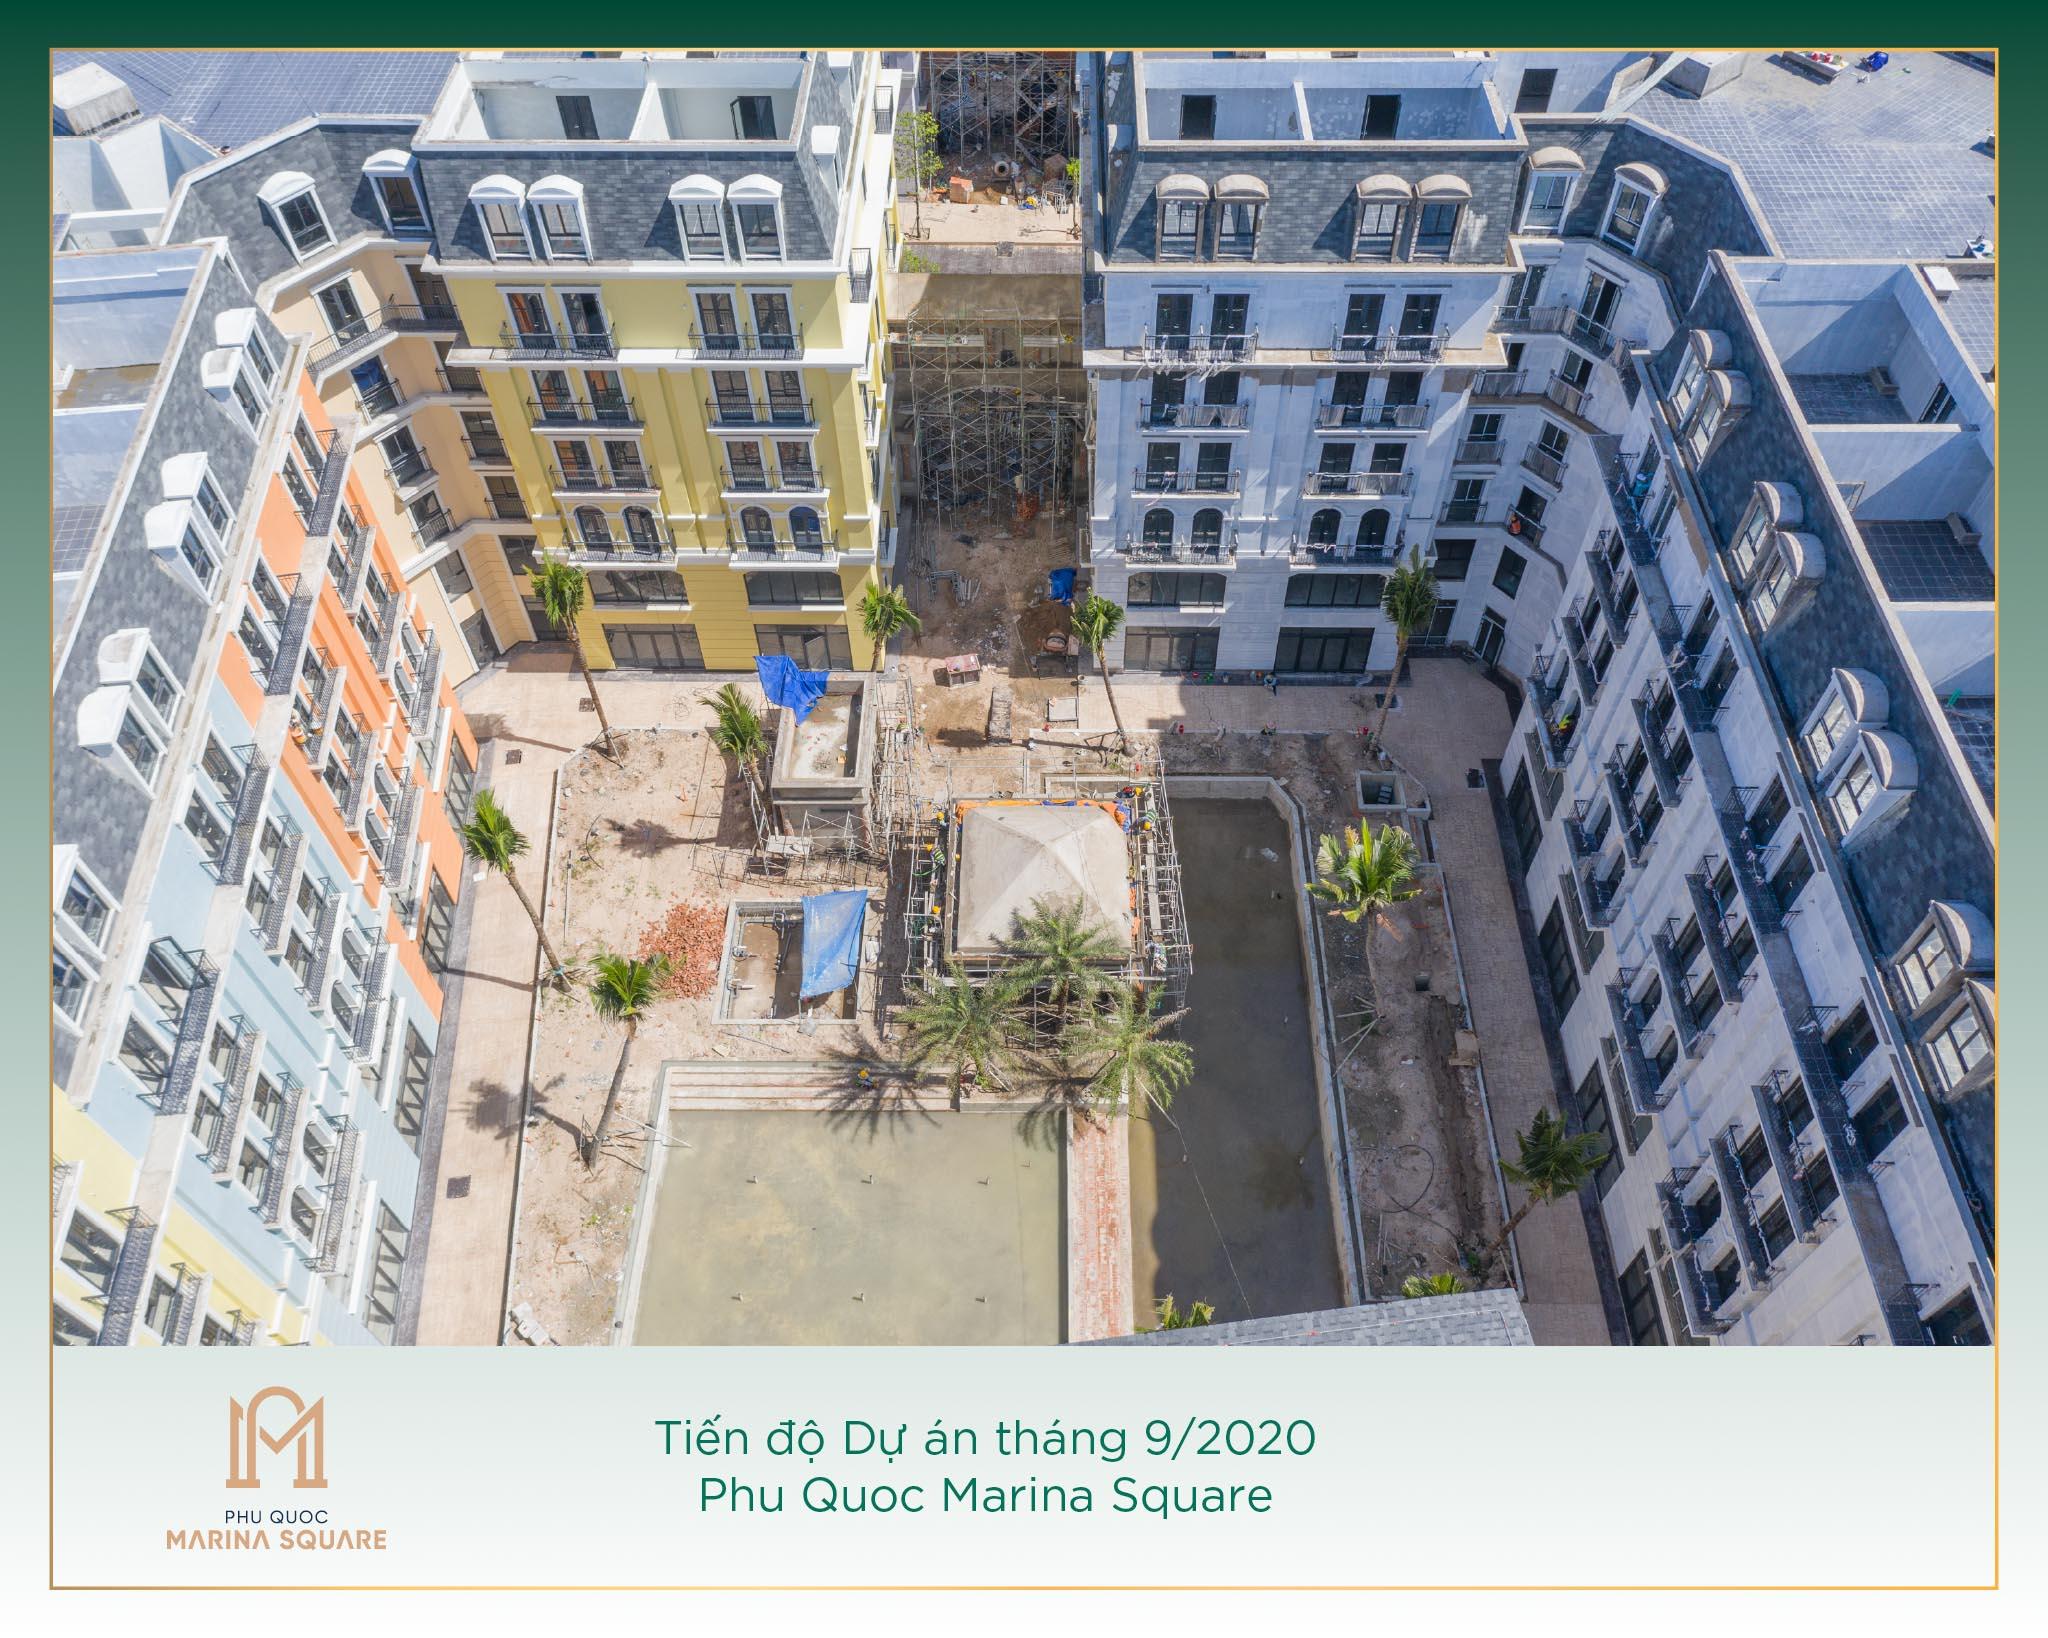 2020-09-08 tien do Phu Quoc Marina Square2